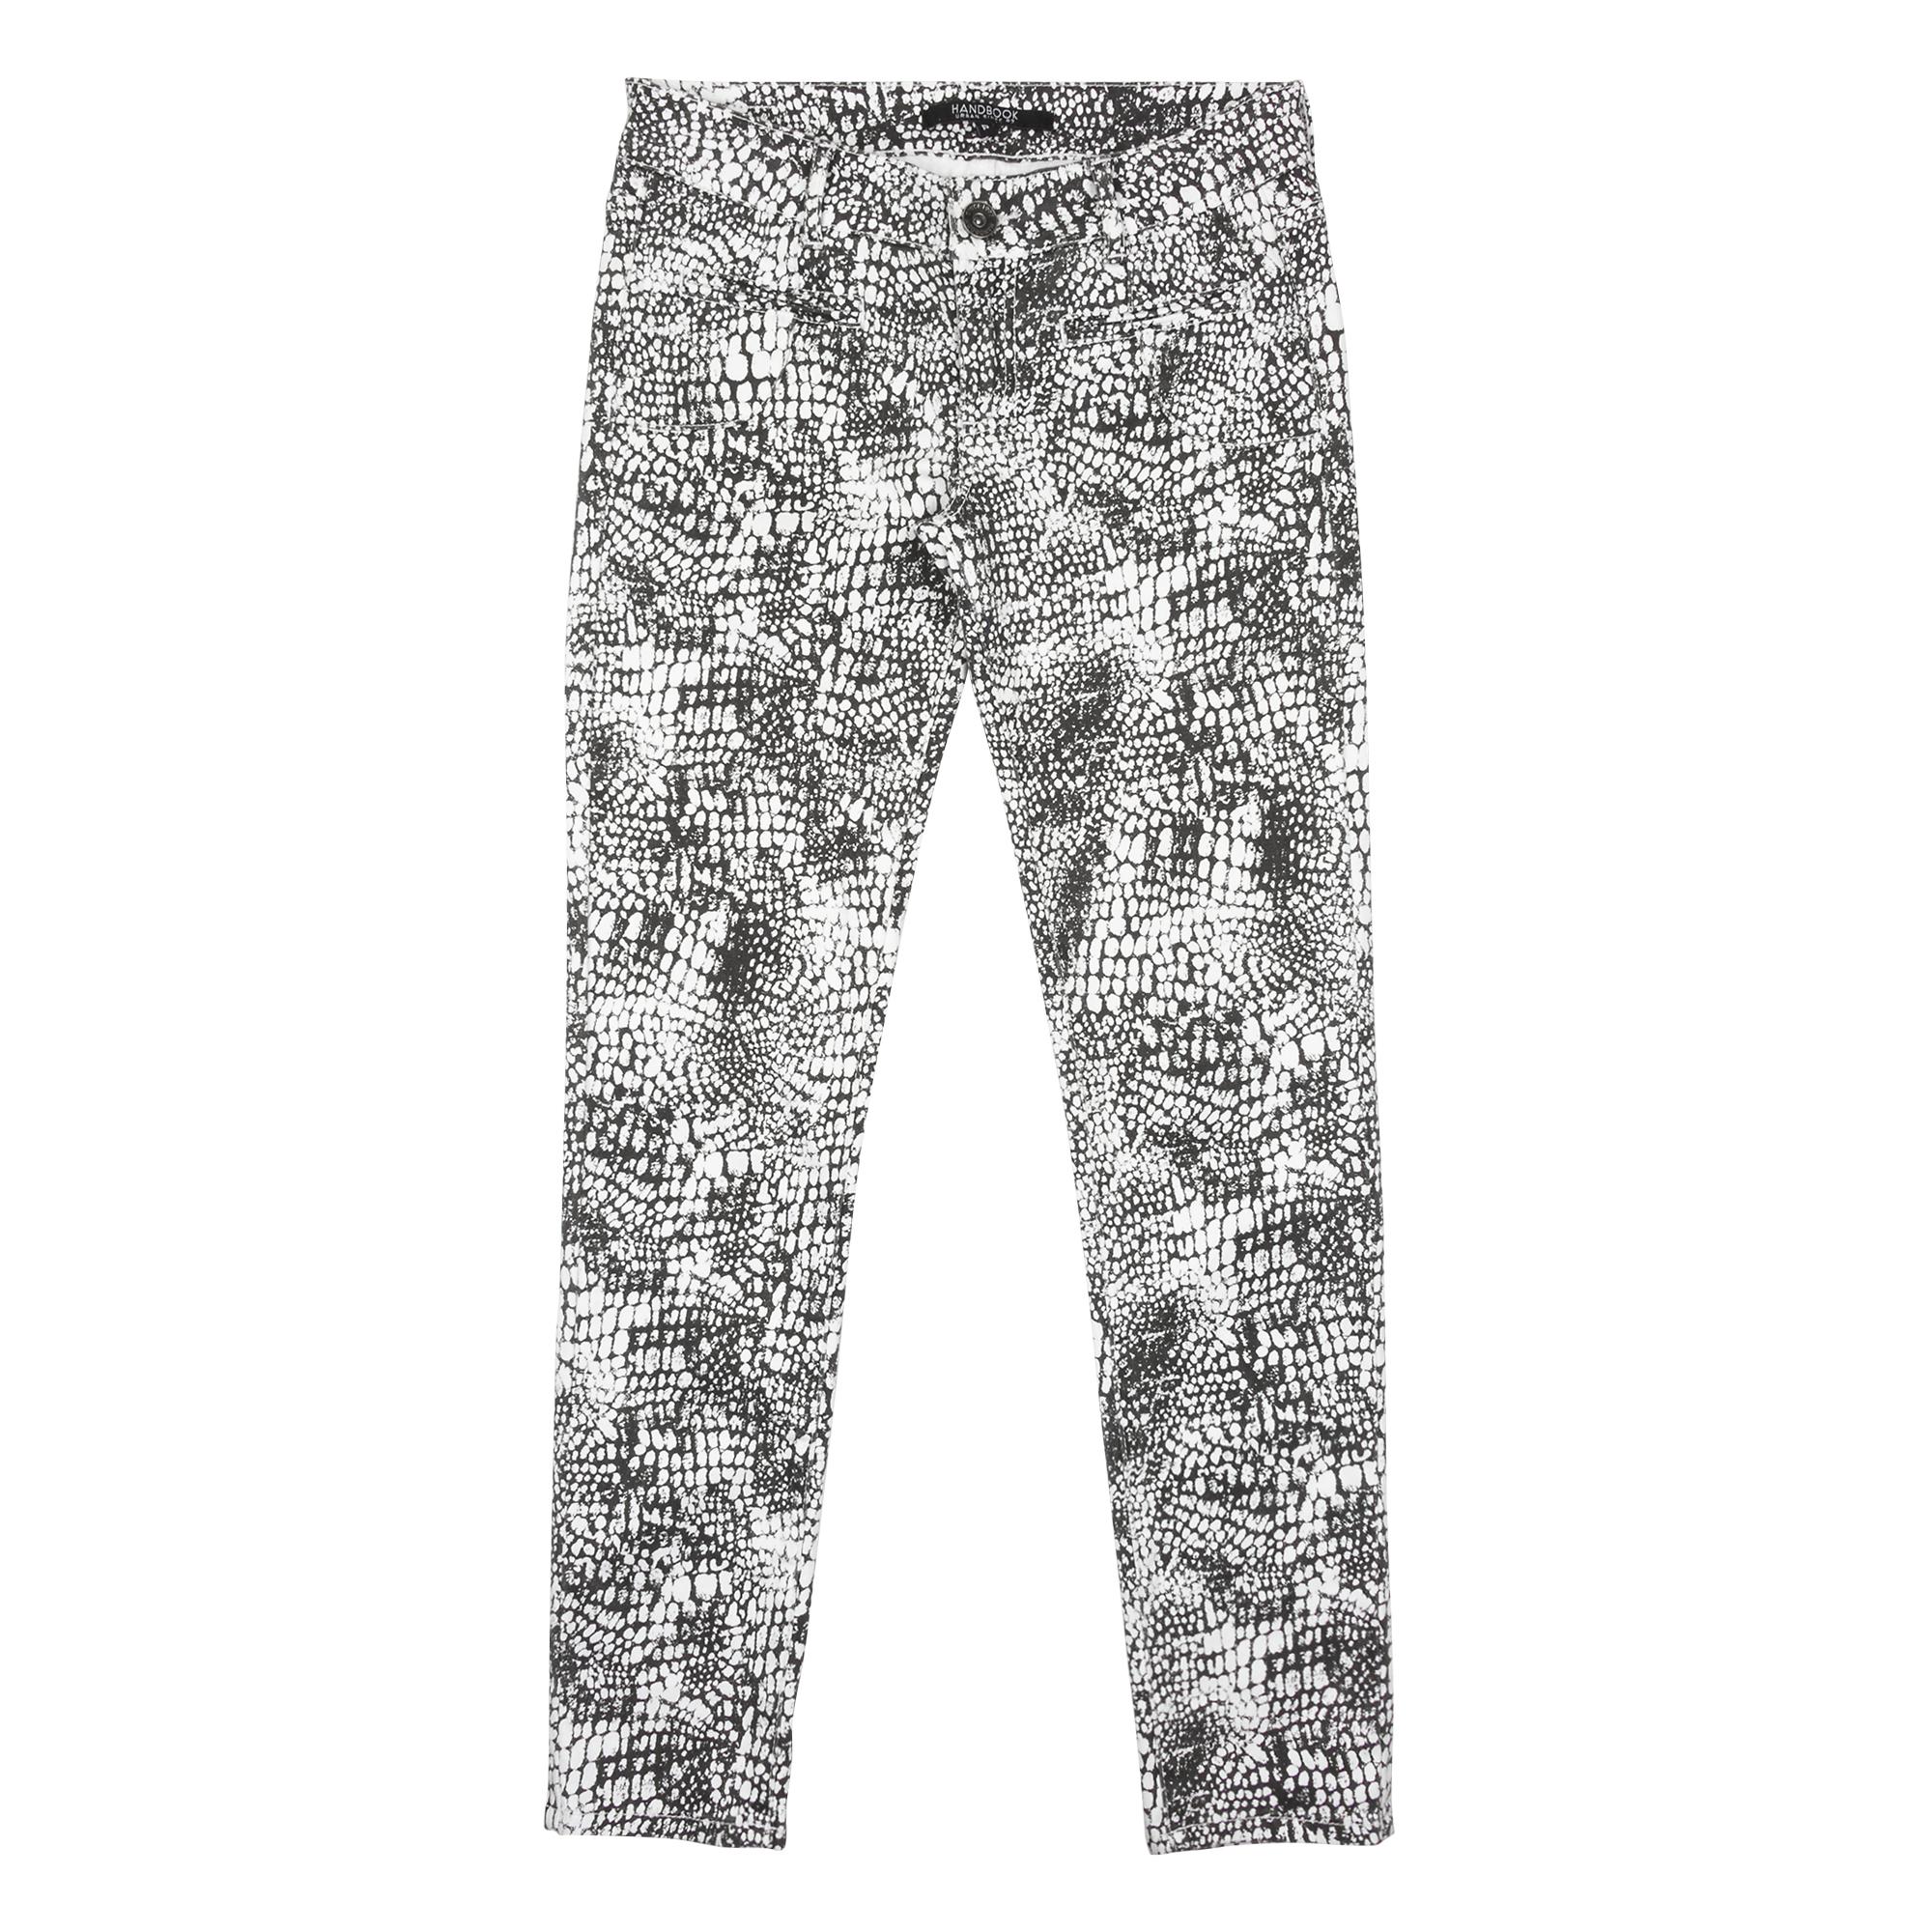 Handbook Fashion - Calça estampada - R$169,99